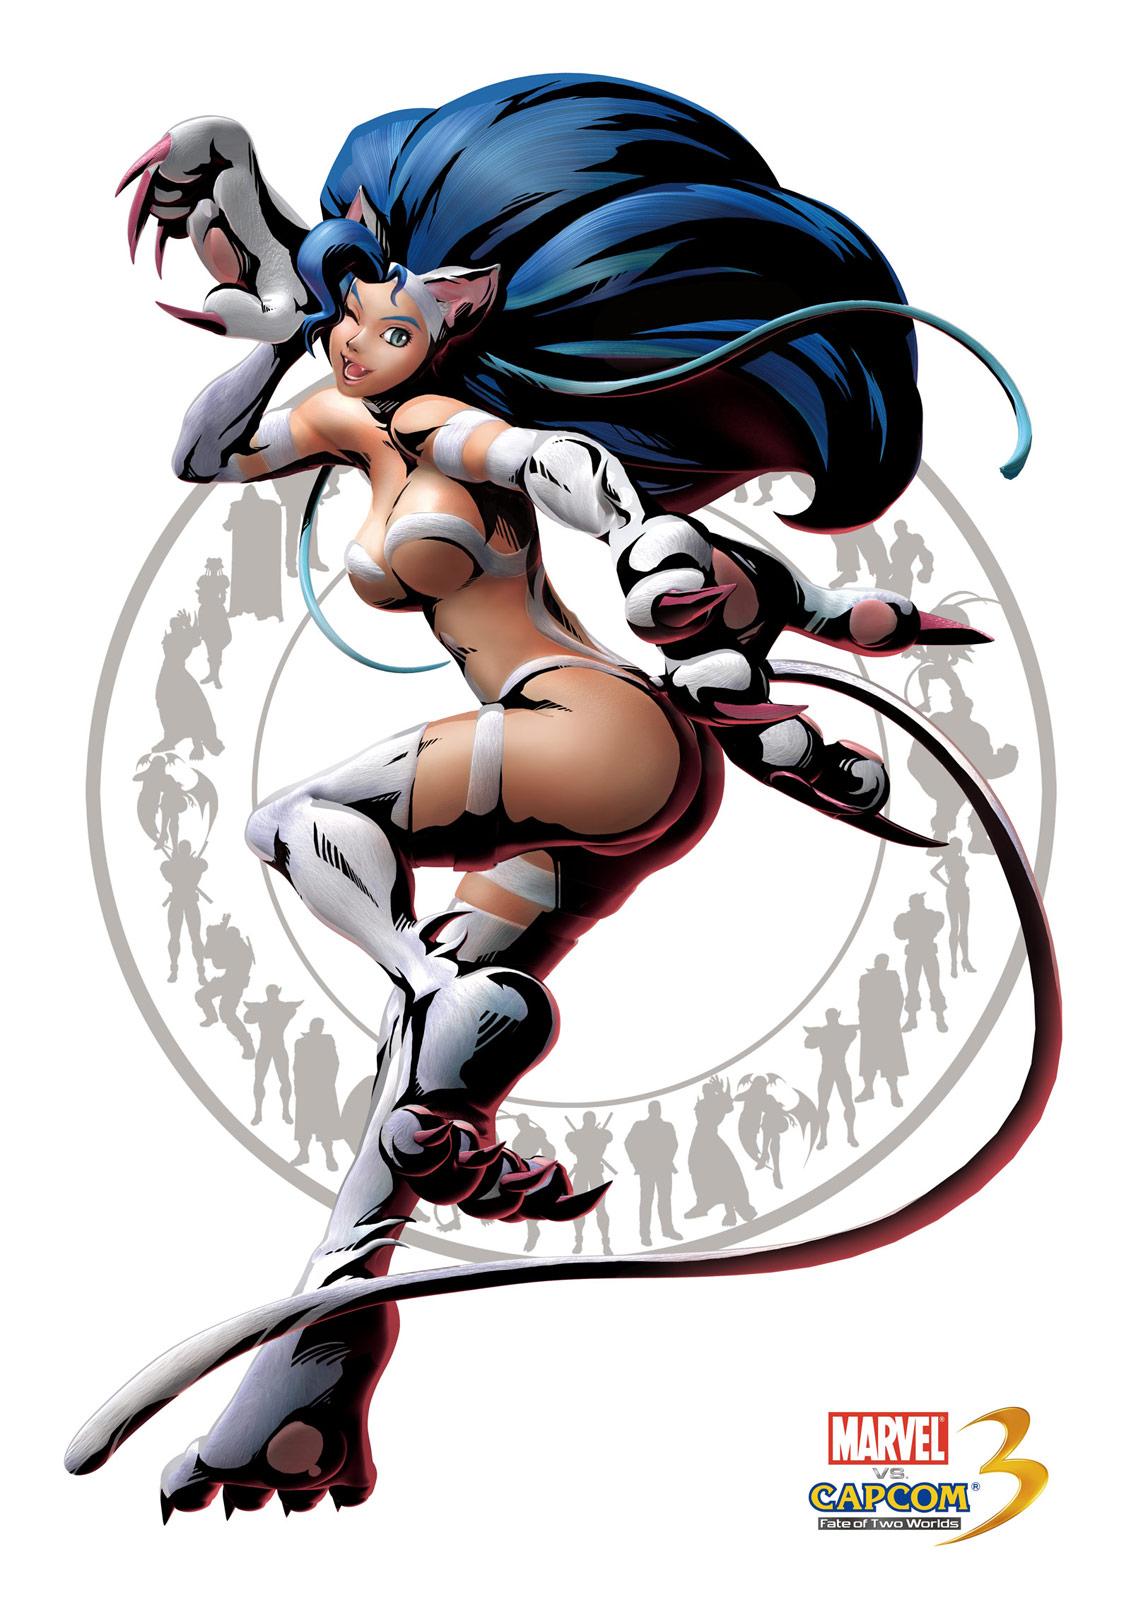 【裸】ヴァンパイアシリーズのフェリシア【エロ猫】